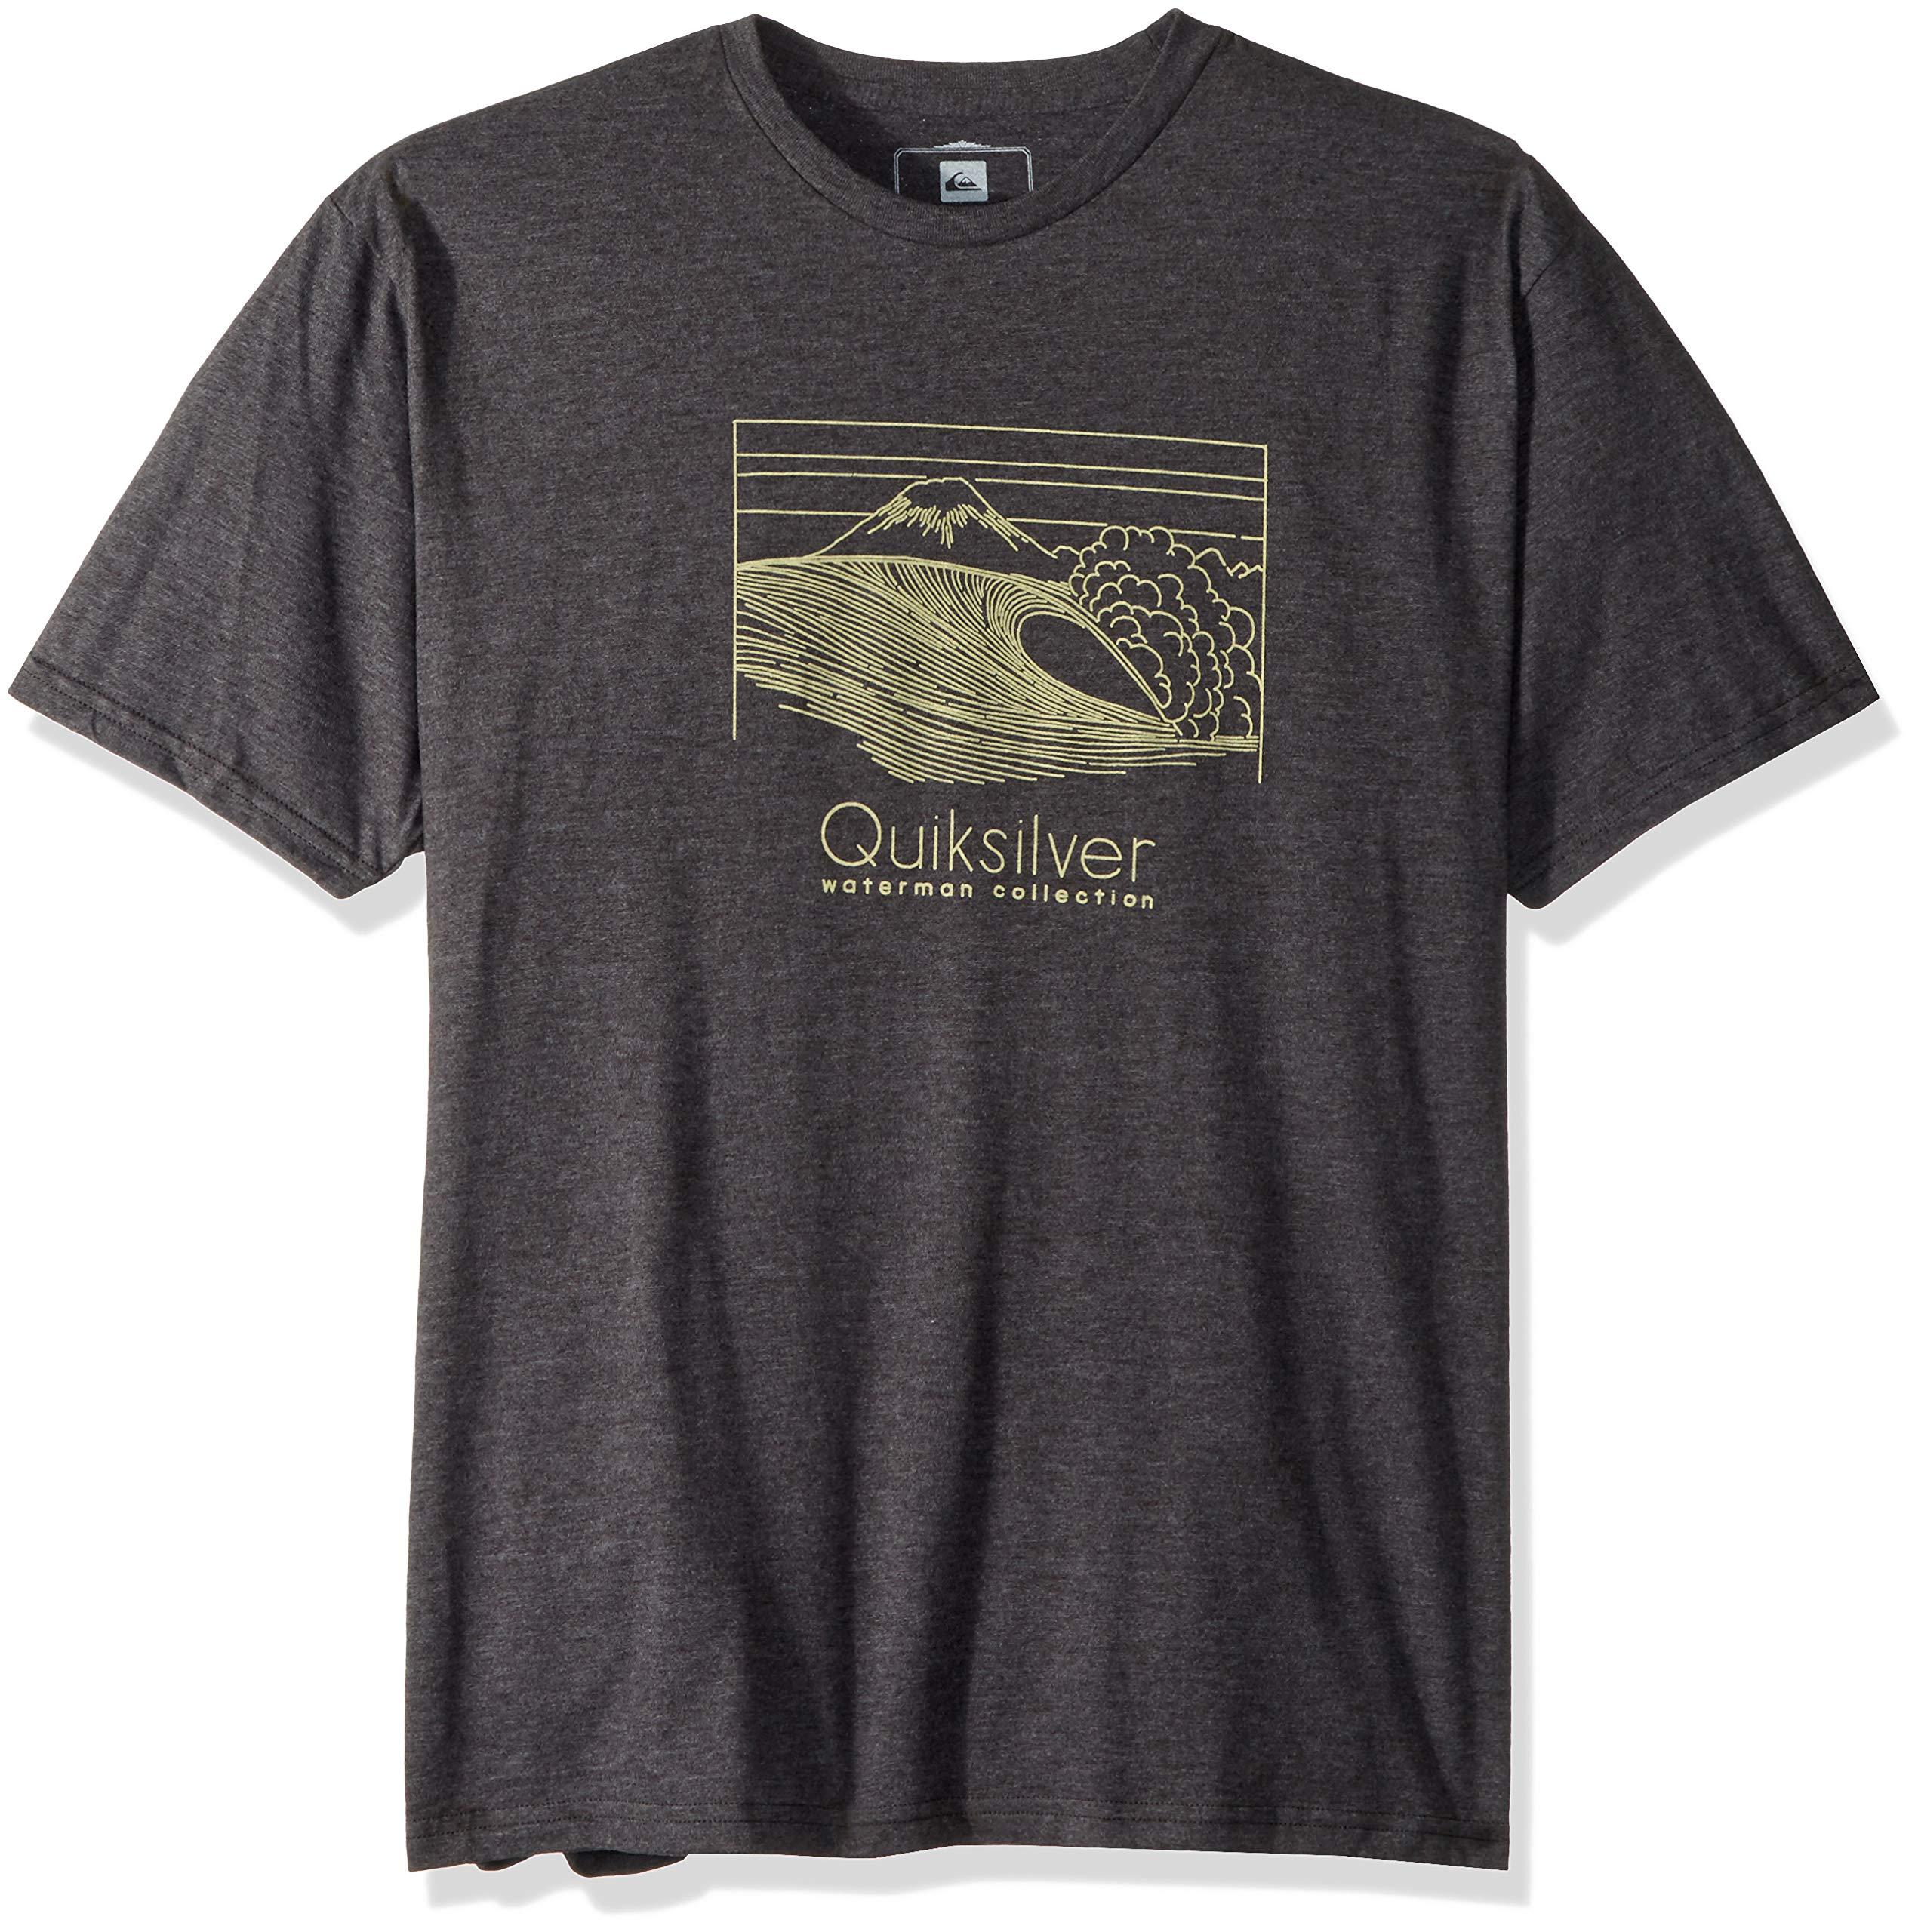 Quiksilver Men's Sketchy Scene Tee Shirt, Charcoal Heather, XL